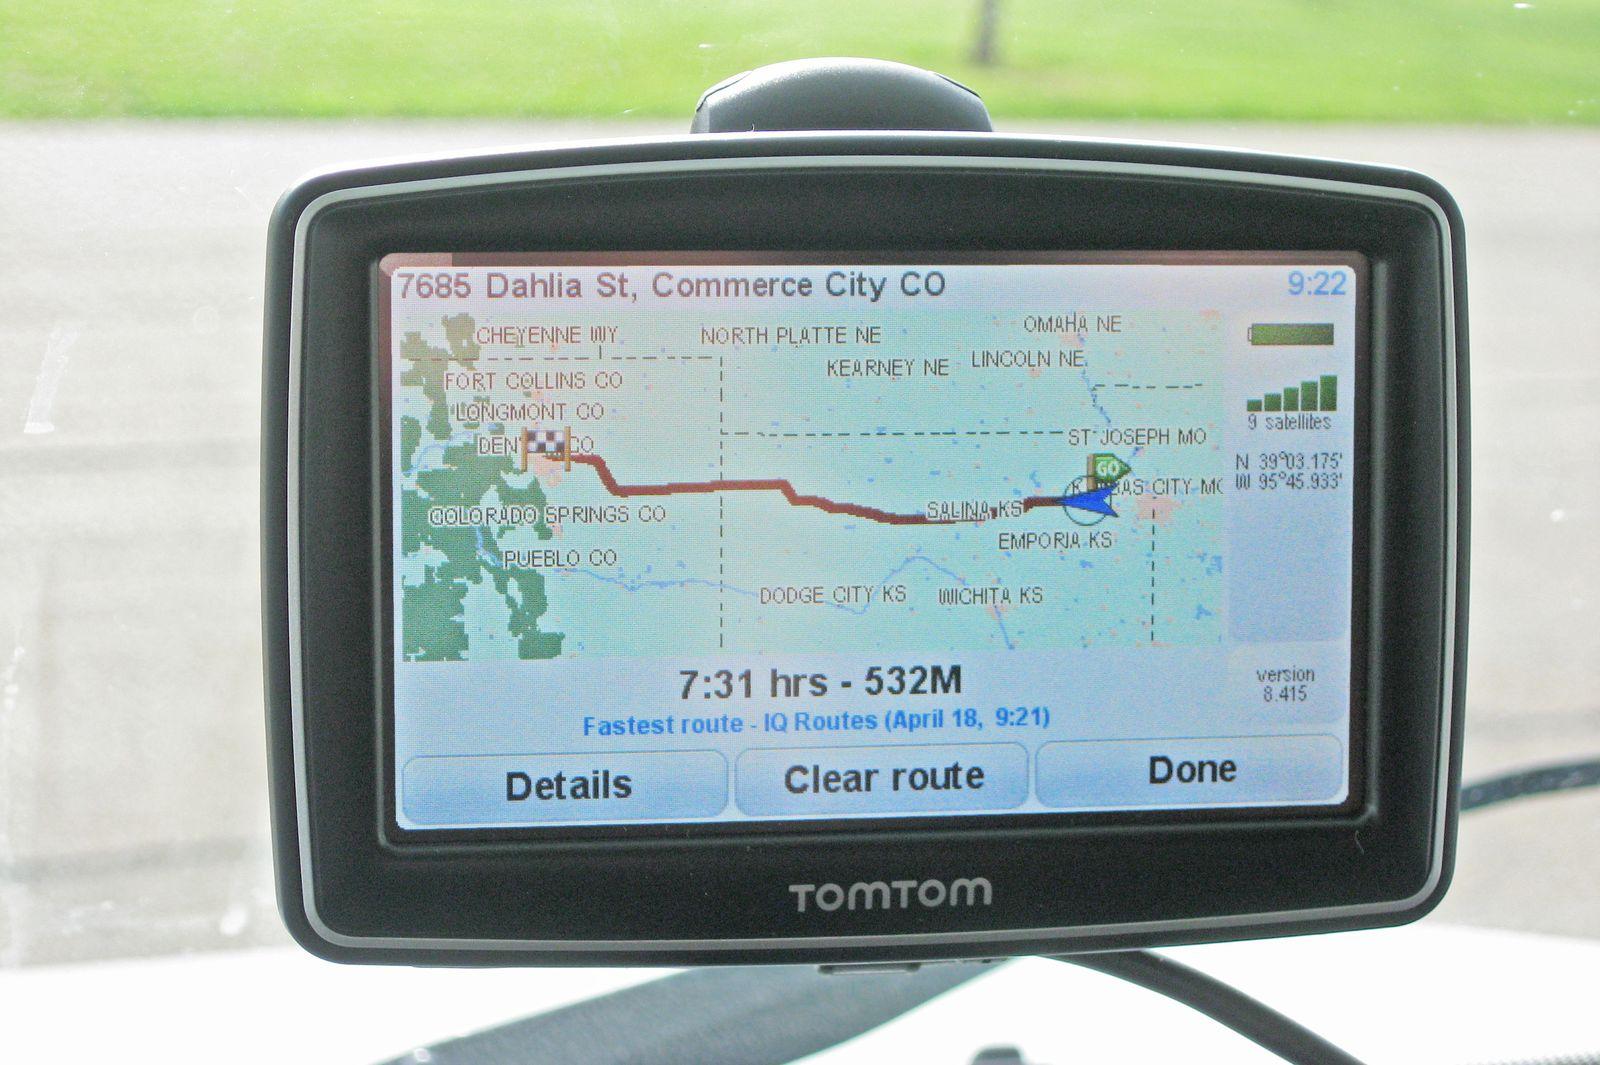 Zubehoer: Navigation